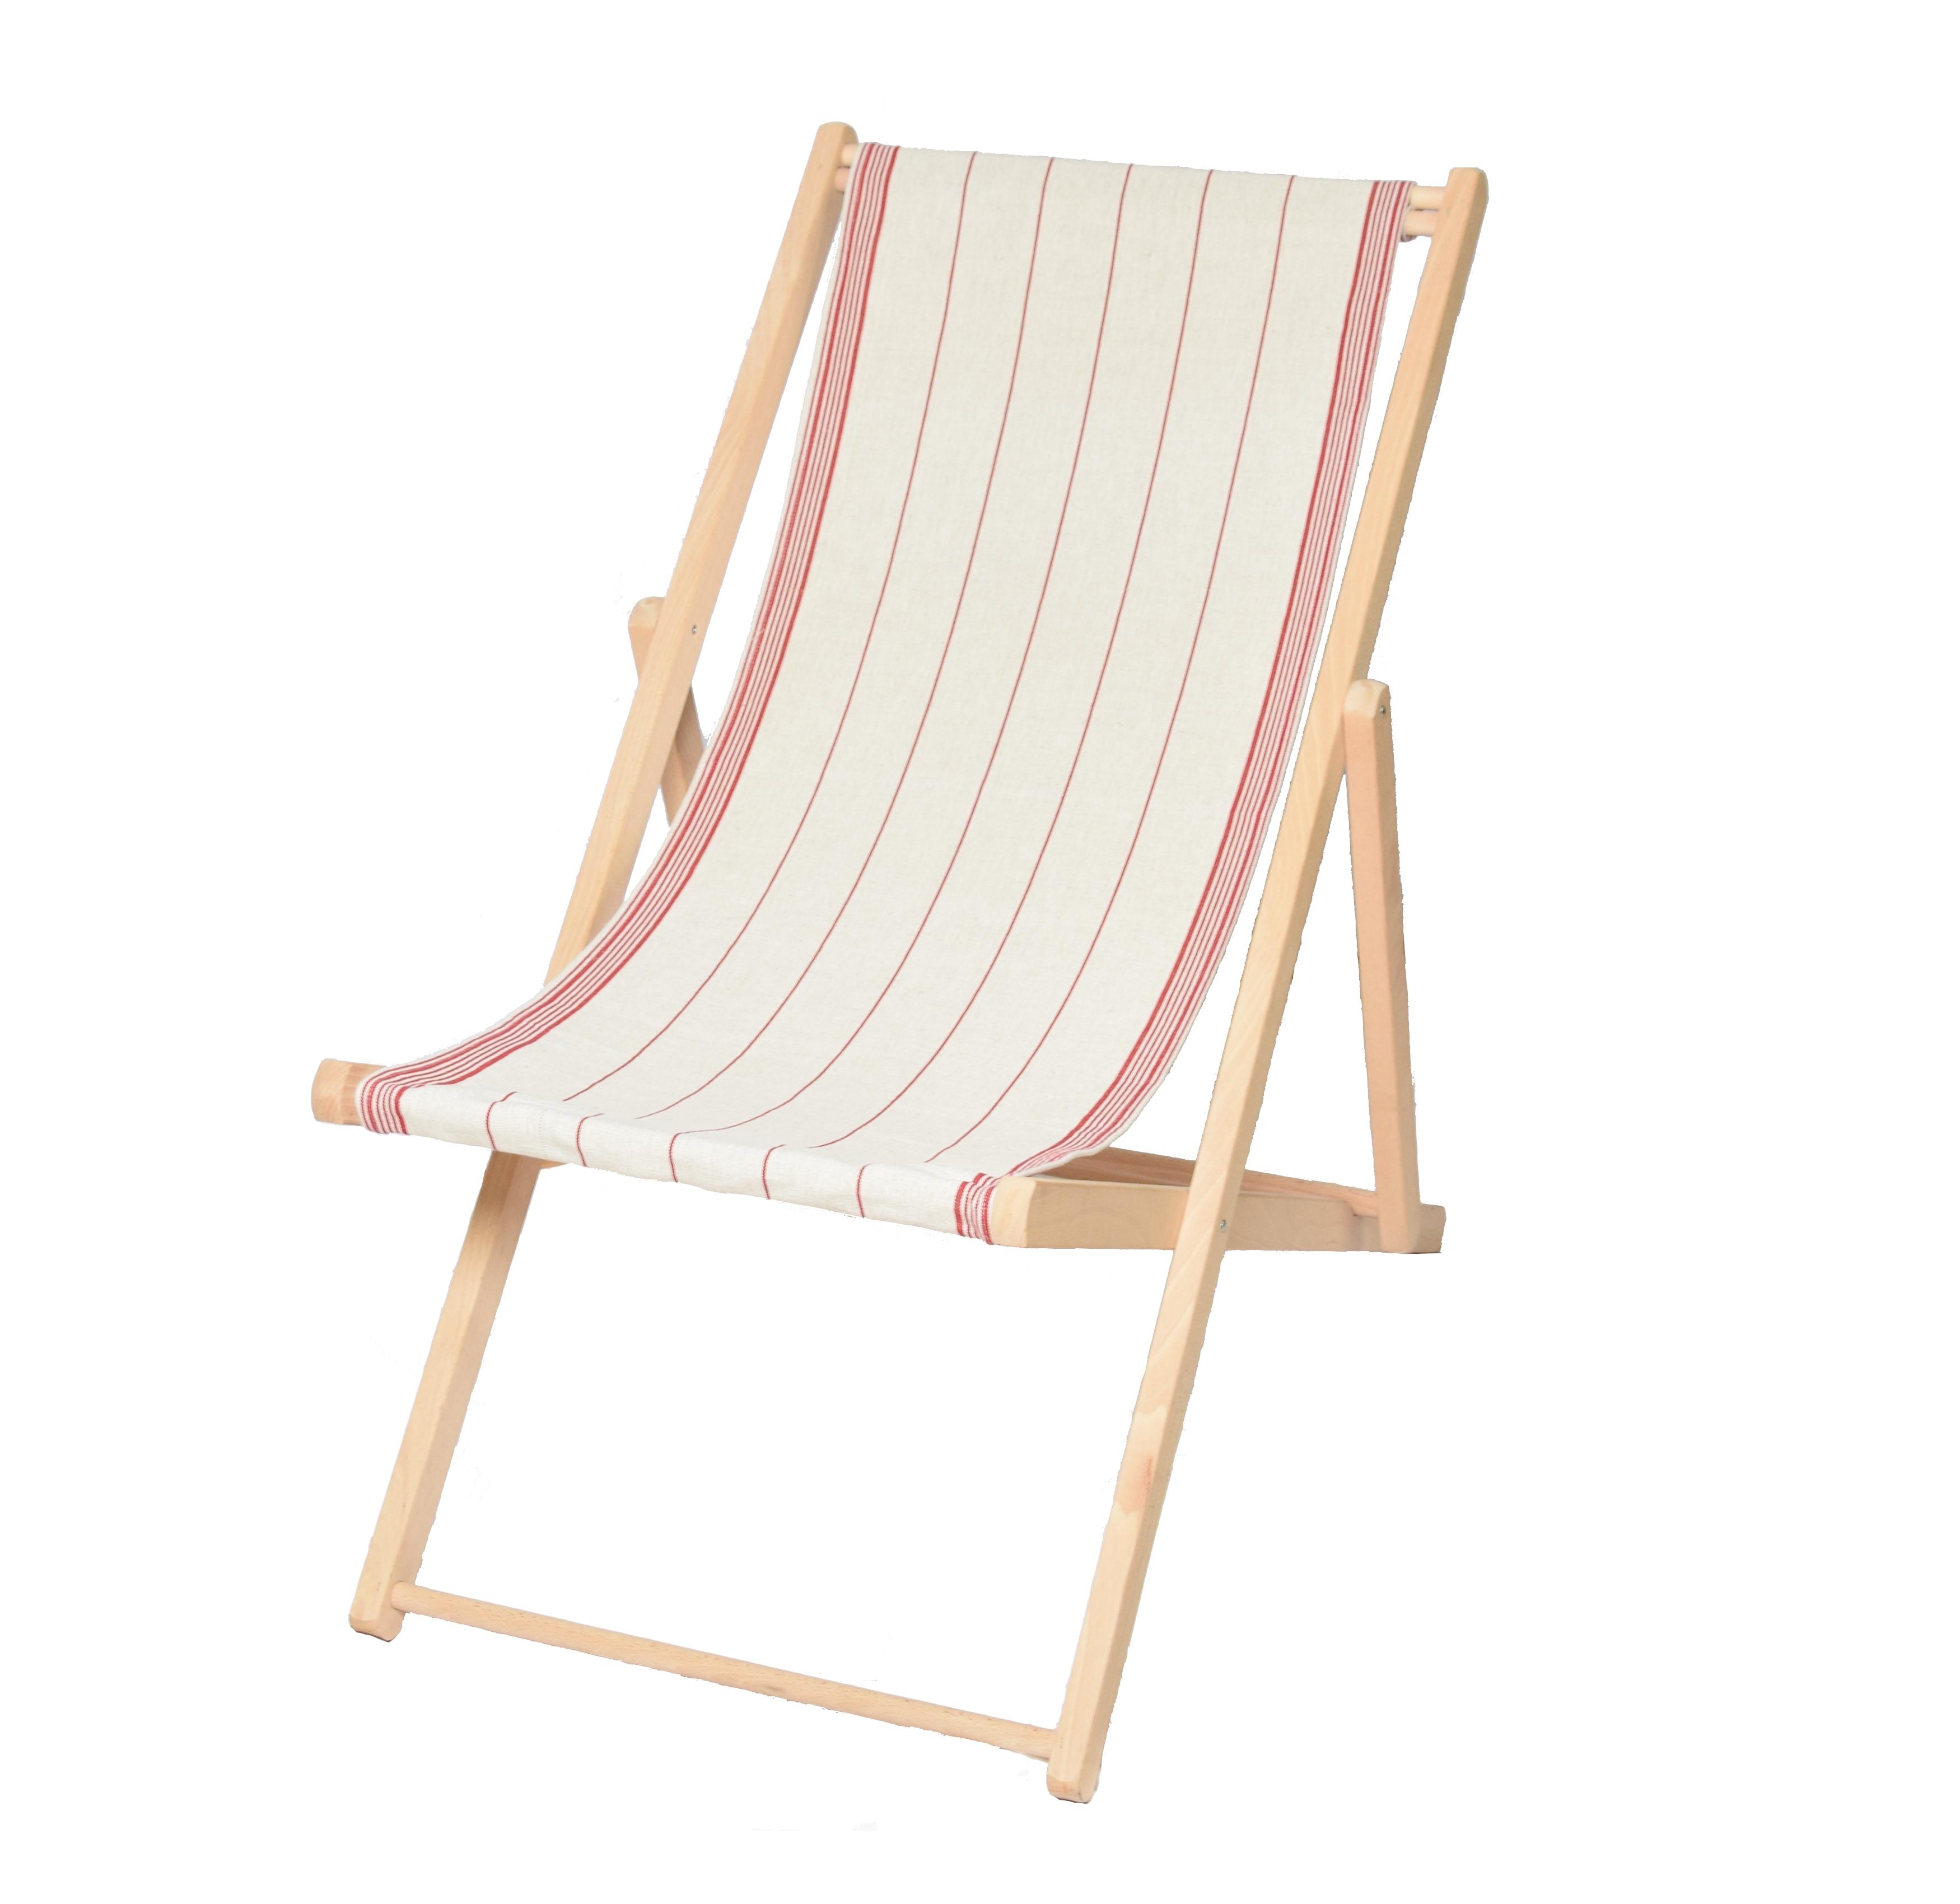 Toile transat pour chaise longue rouge fabriqu e en france for Changer toile chaise longue